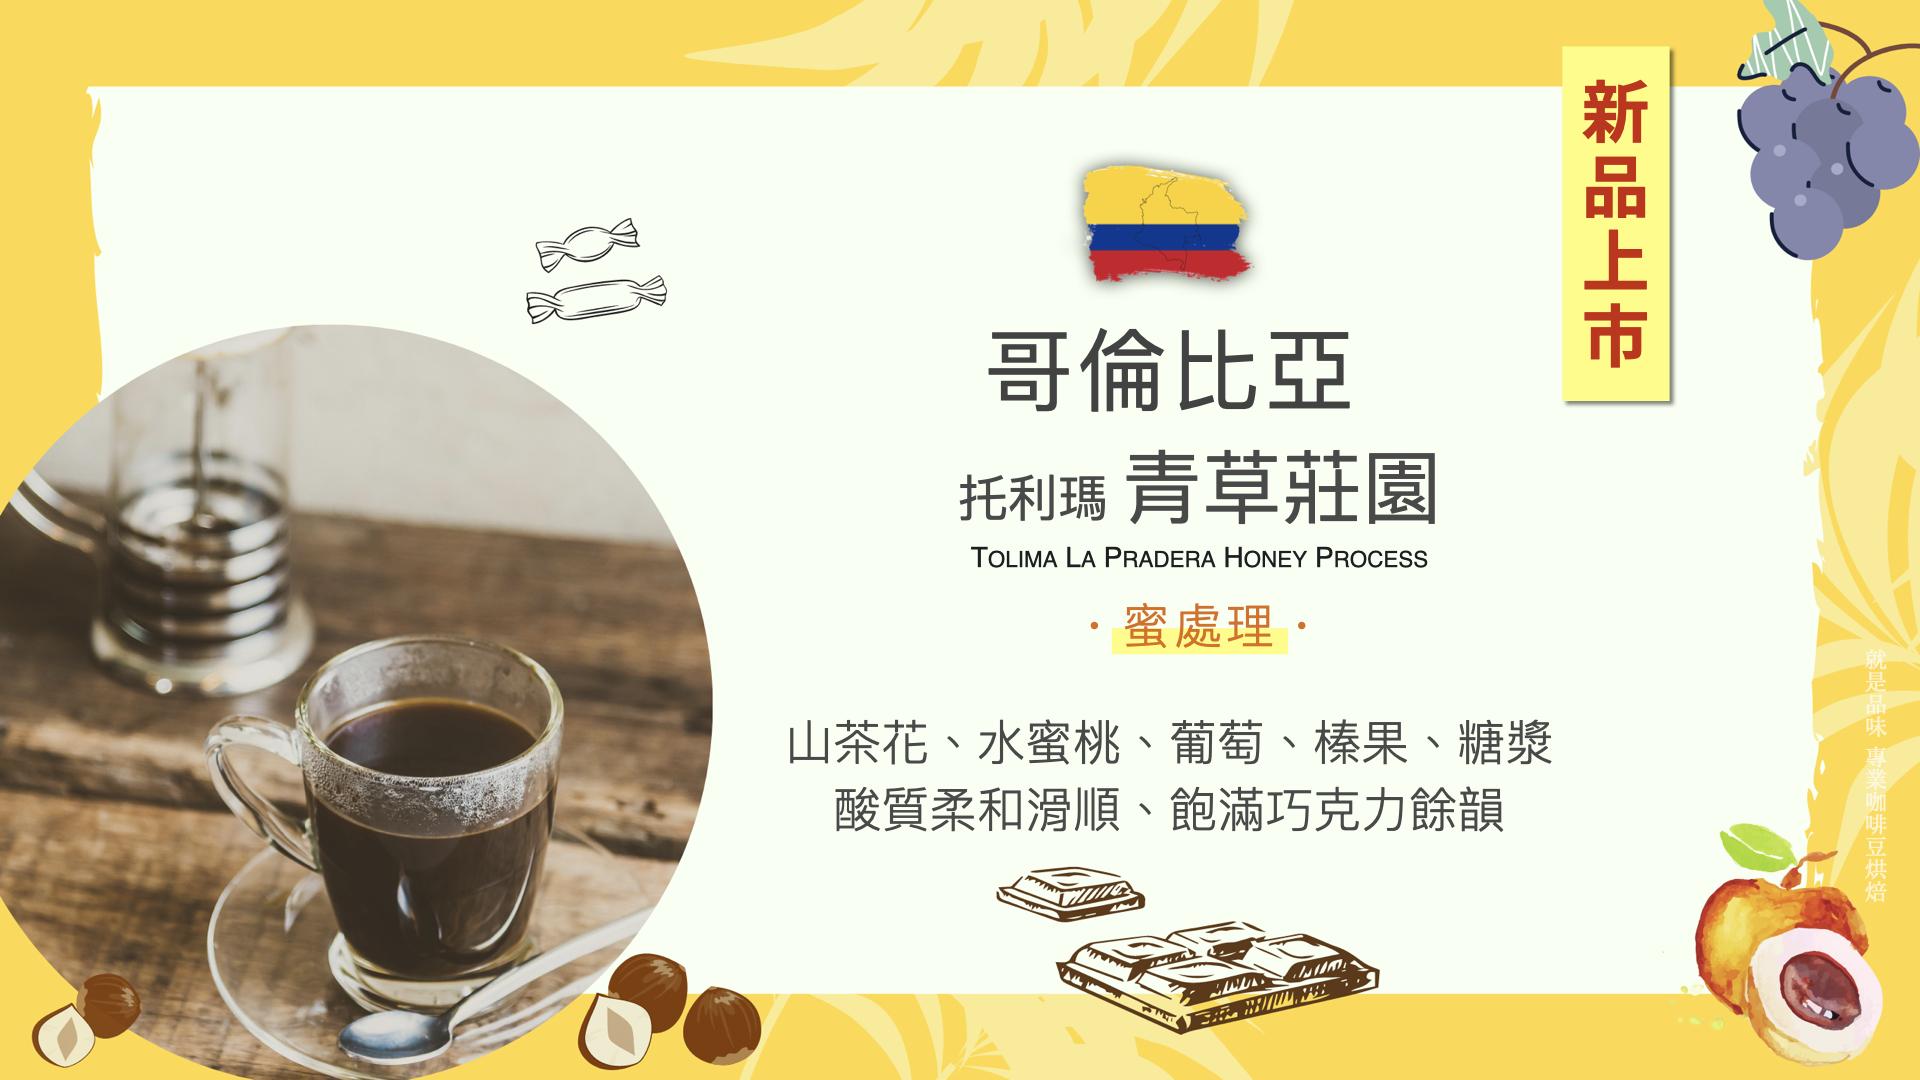 日曬處理法水洗處就是品味咖啡在台南安平